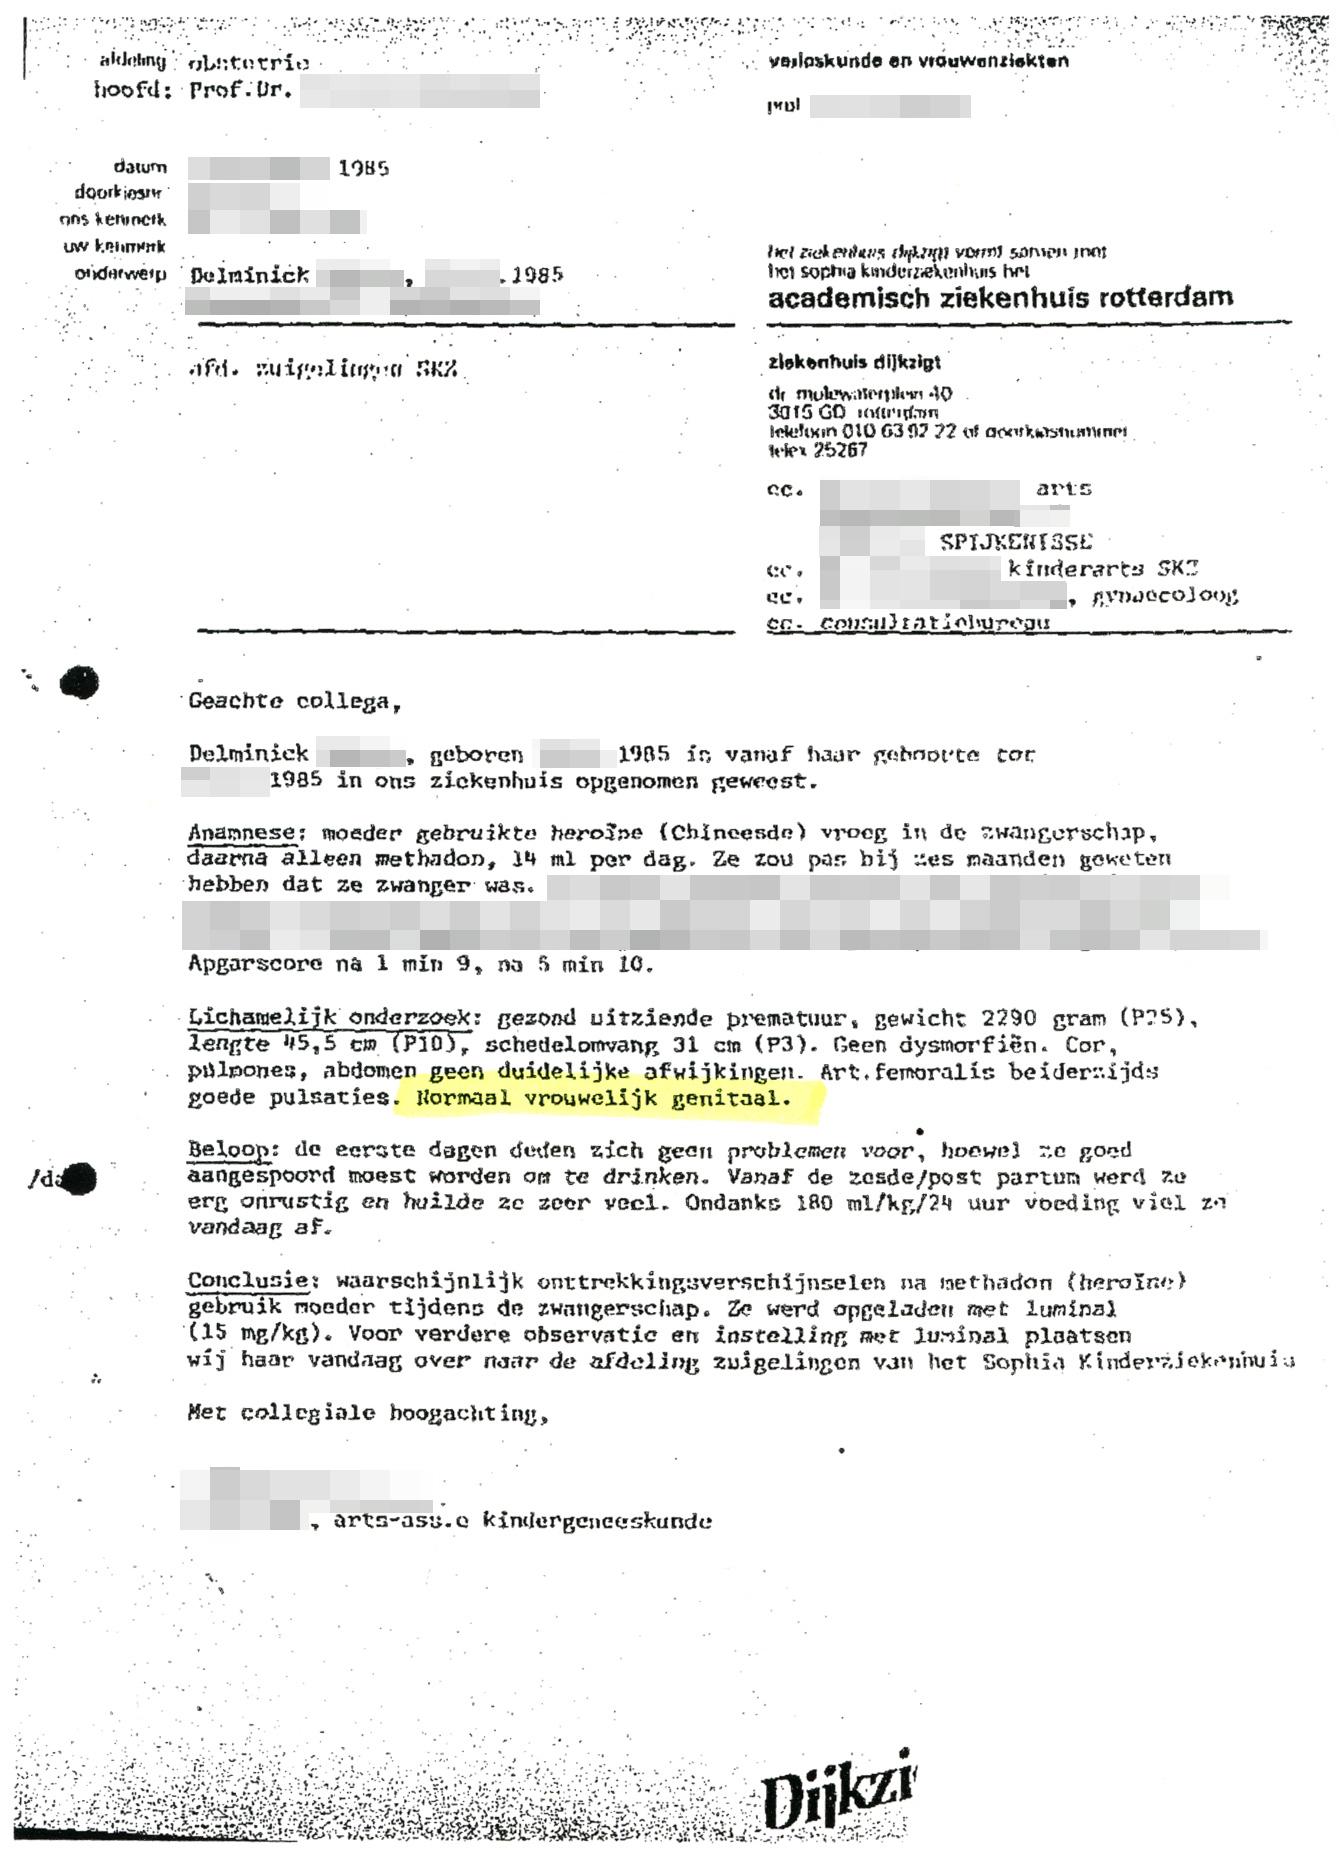 """Overdrachtsbrief van kinderarts waarin duidelijk staat """"normaal vrouwelijk genitaal"""""""